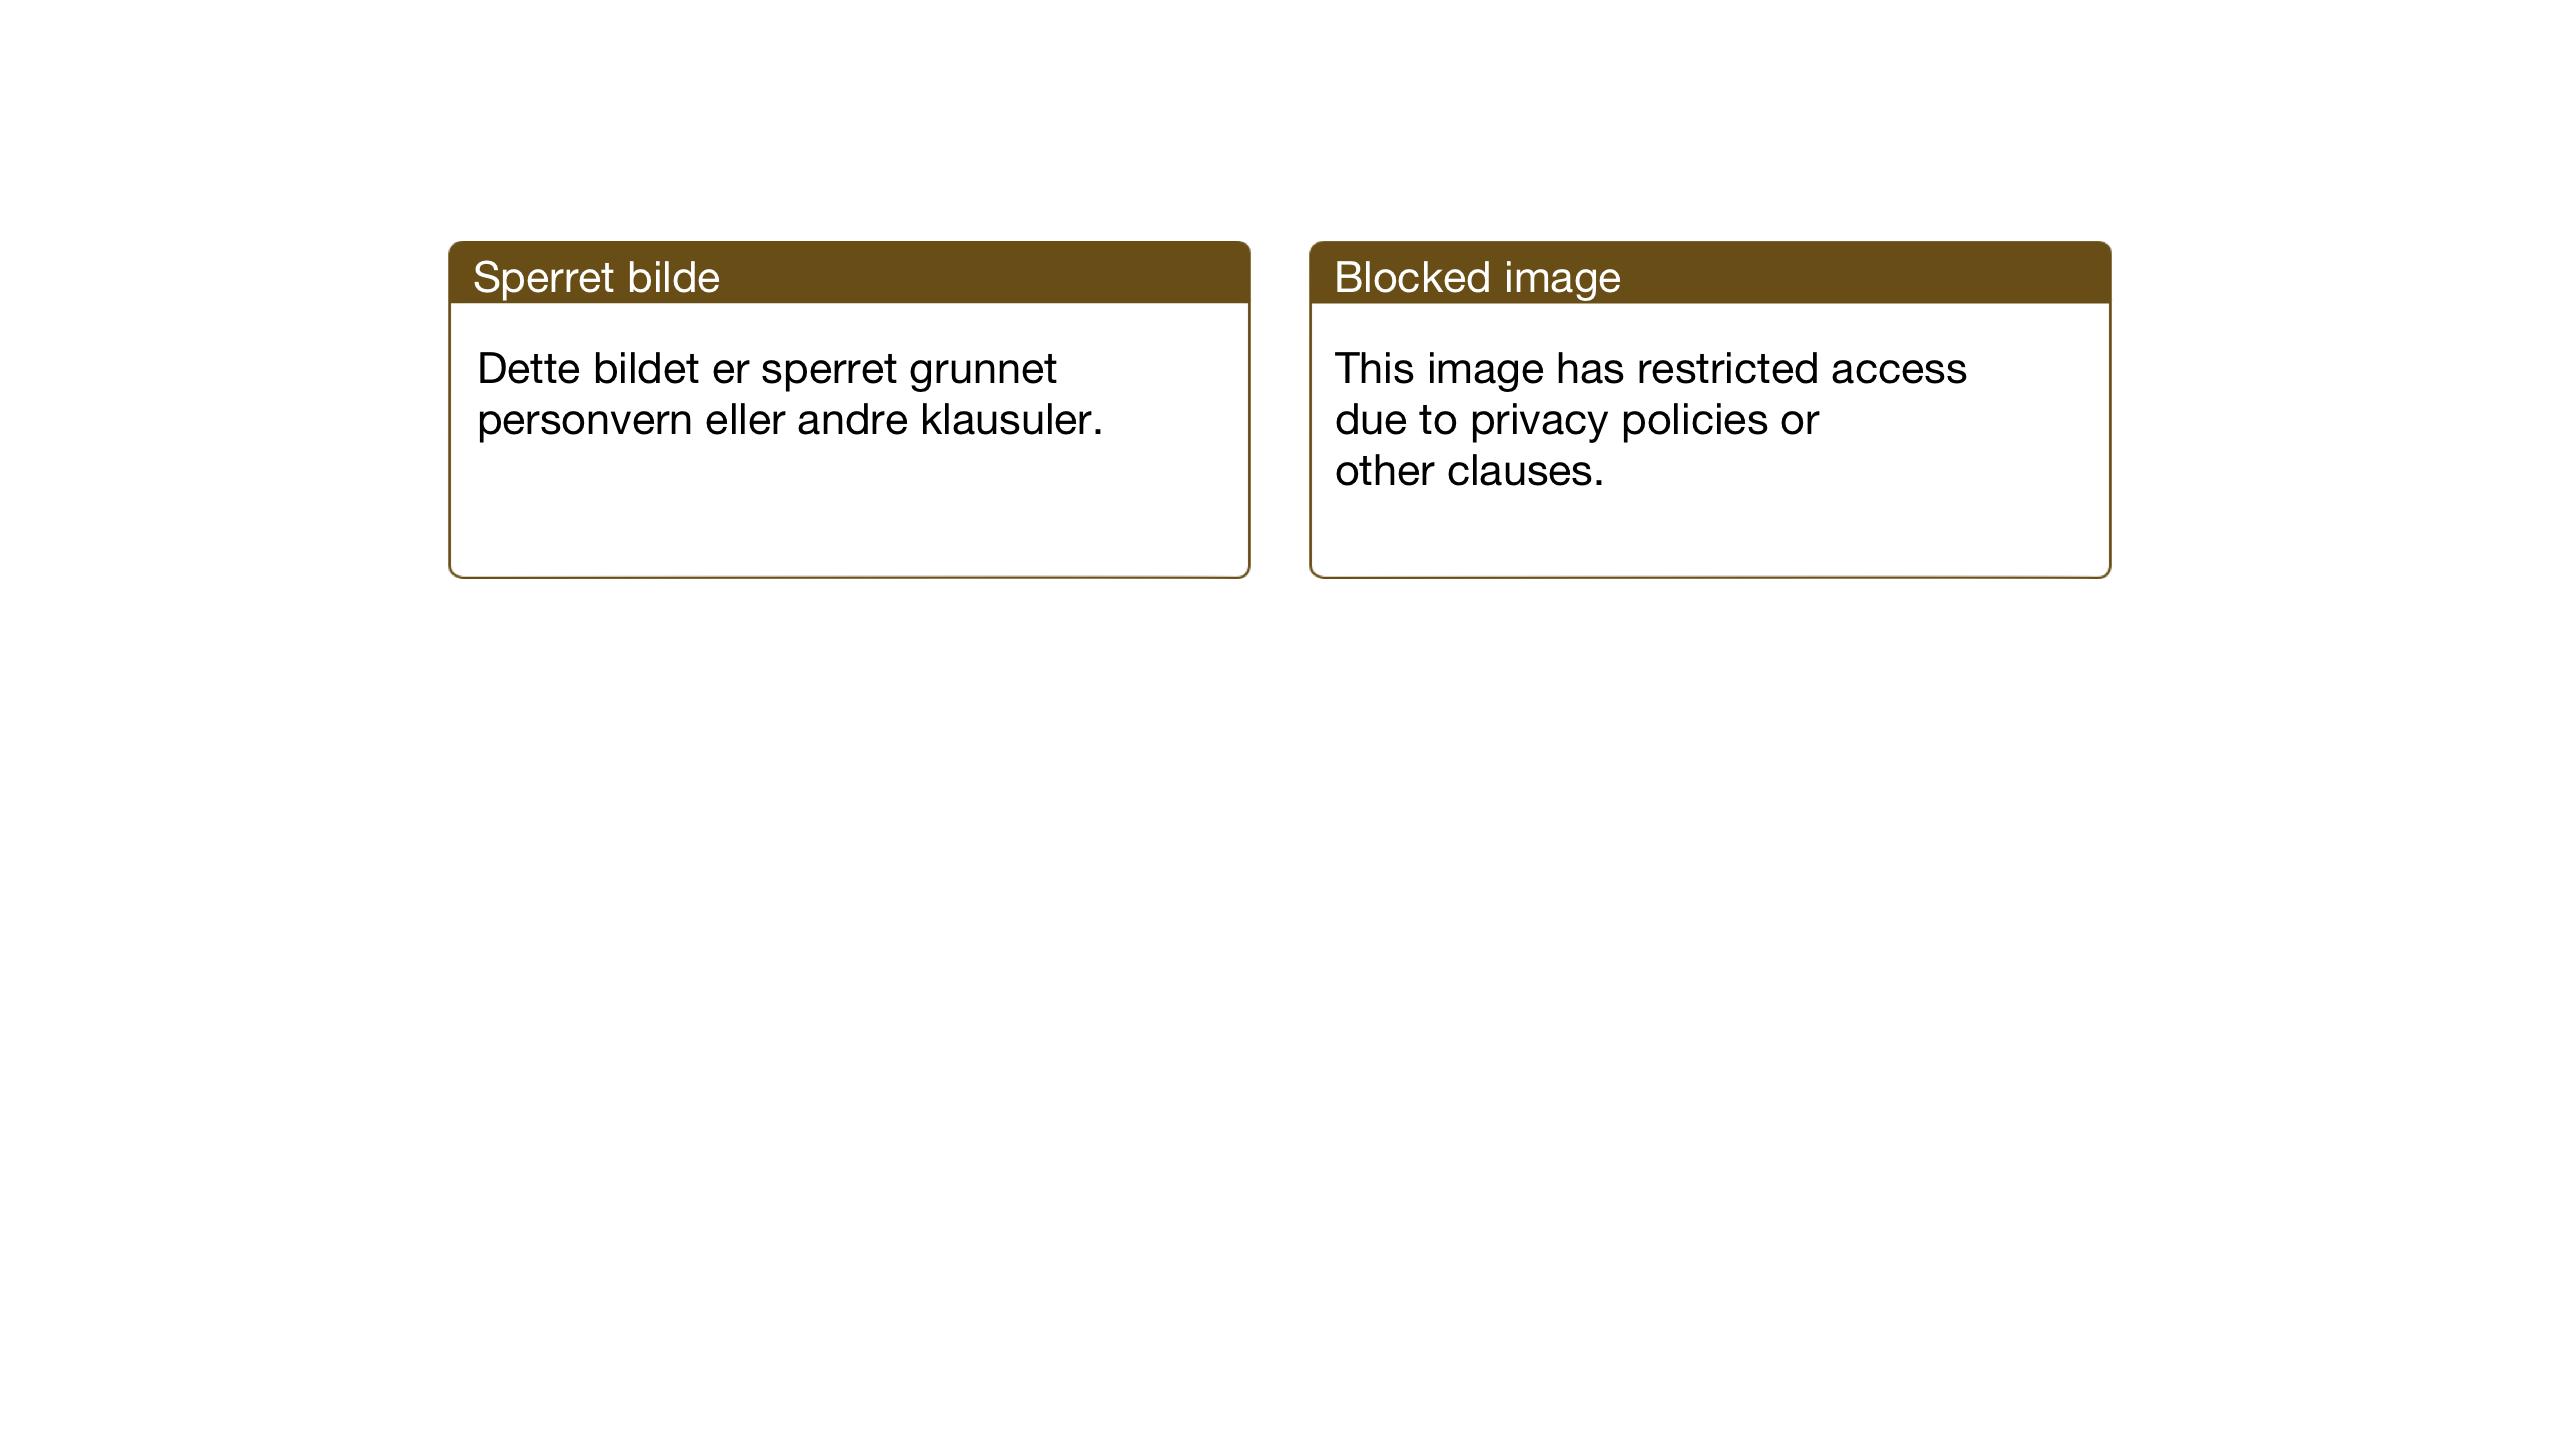 SAT, Ministerialprotokoller, klokkerbøker og fødselsregistre - Nord-Trøndelag, 768/L0583: Klokkerbok nr. 768C01, 1928-1953, s. 195